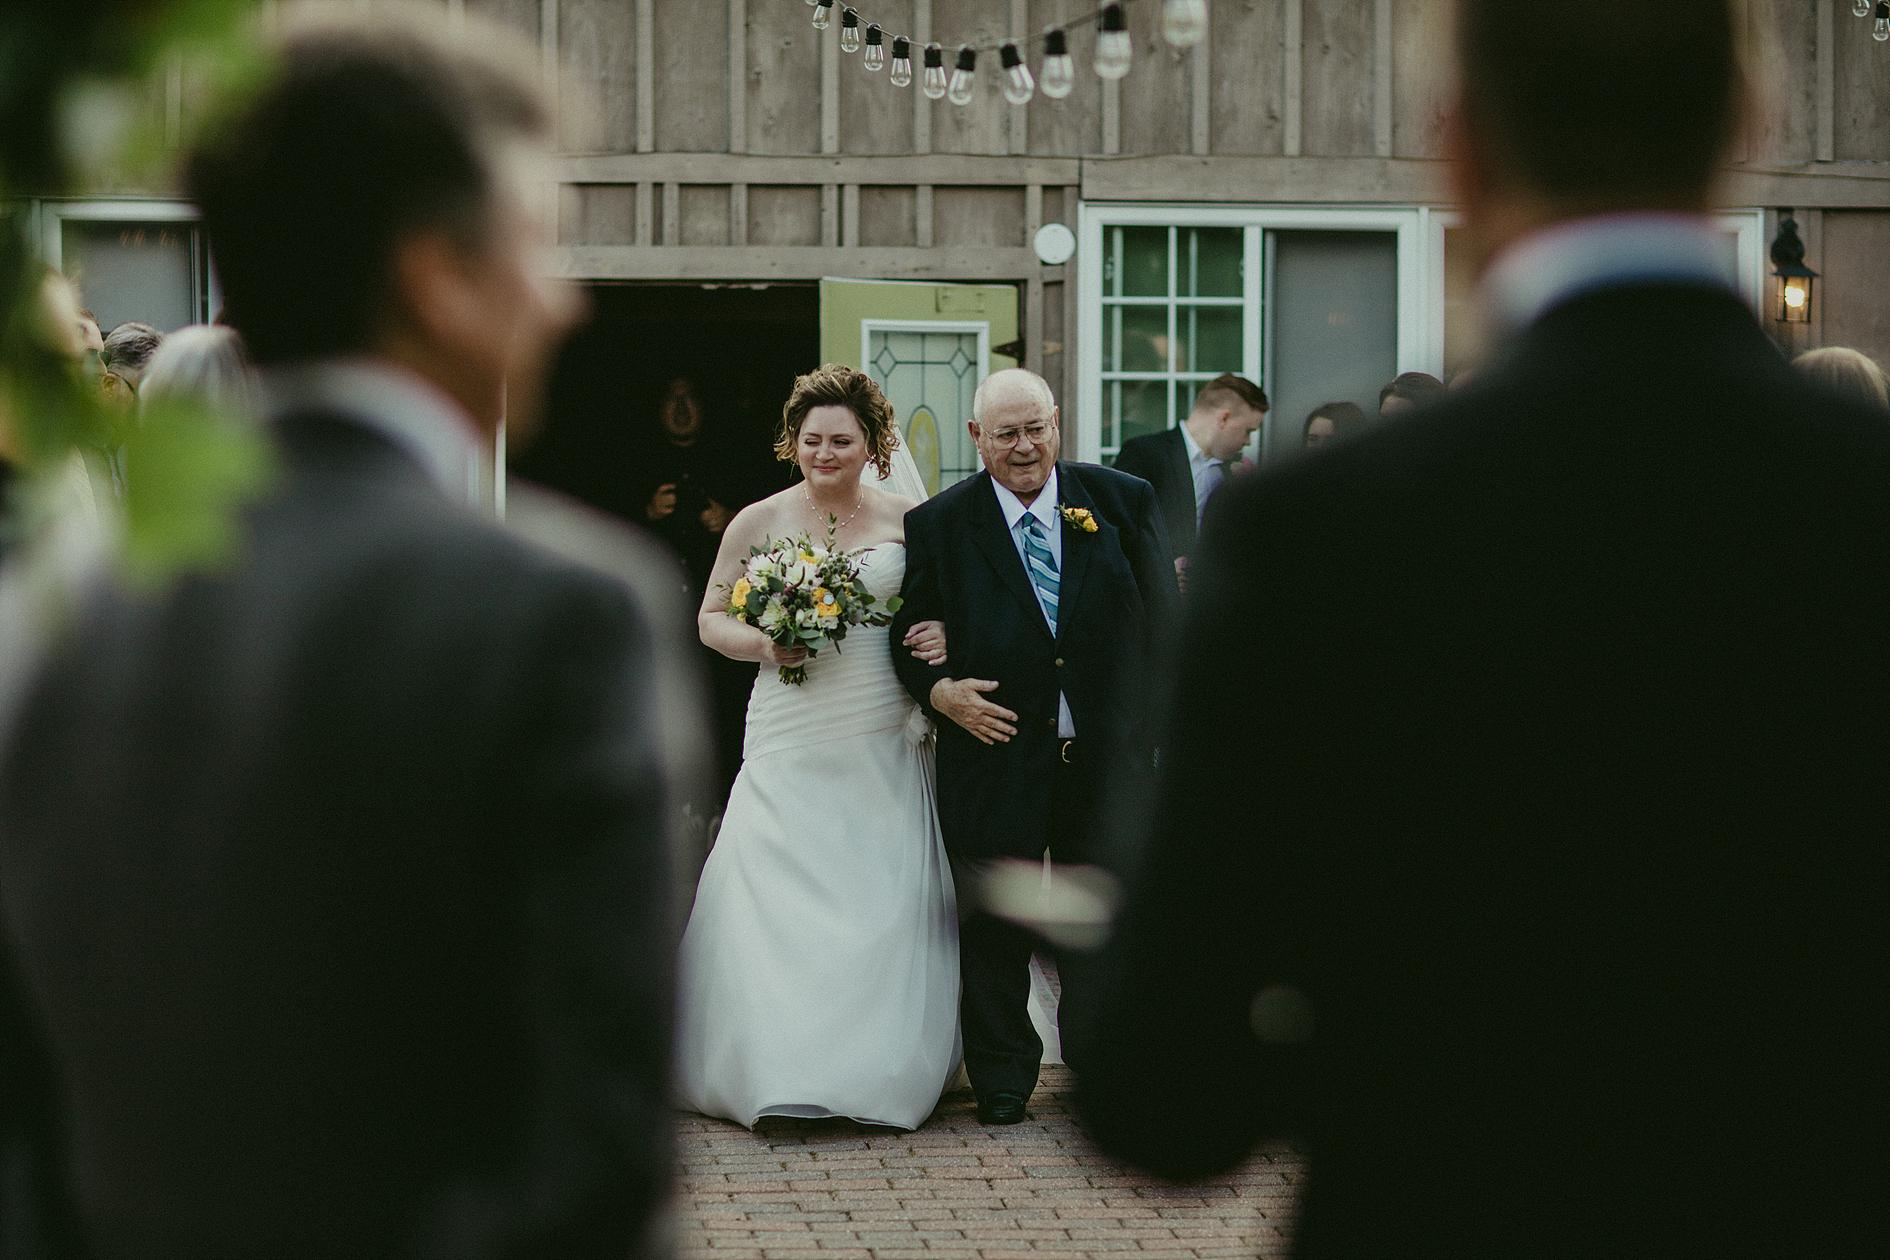 Deb & Claude Wed 424.jpg